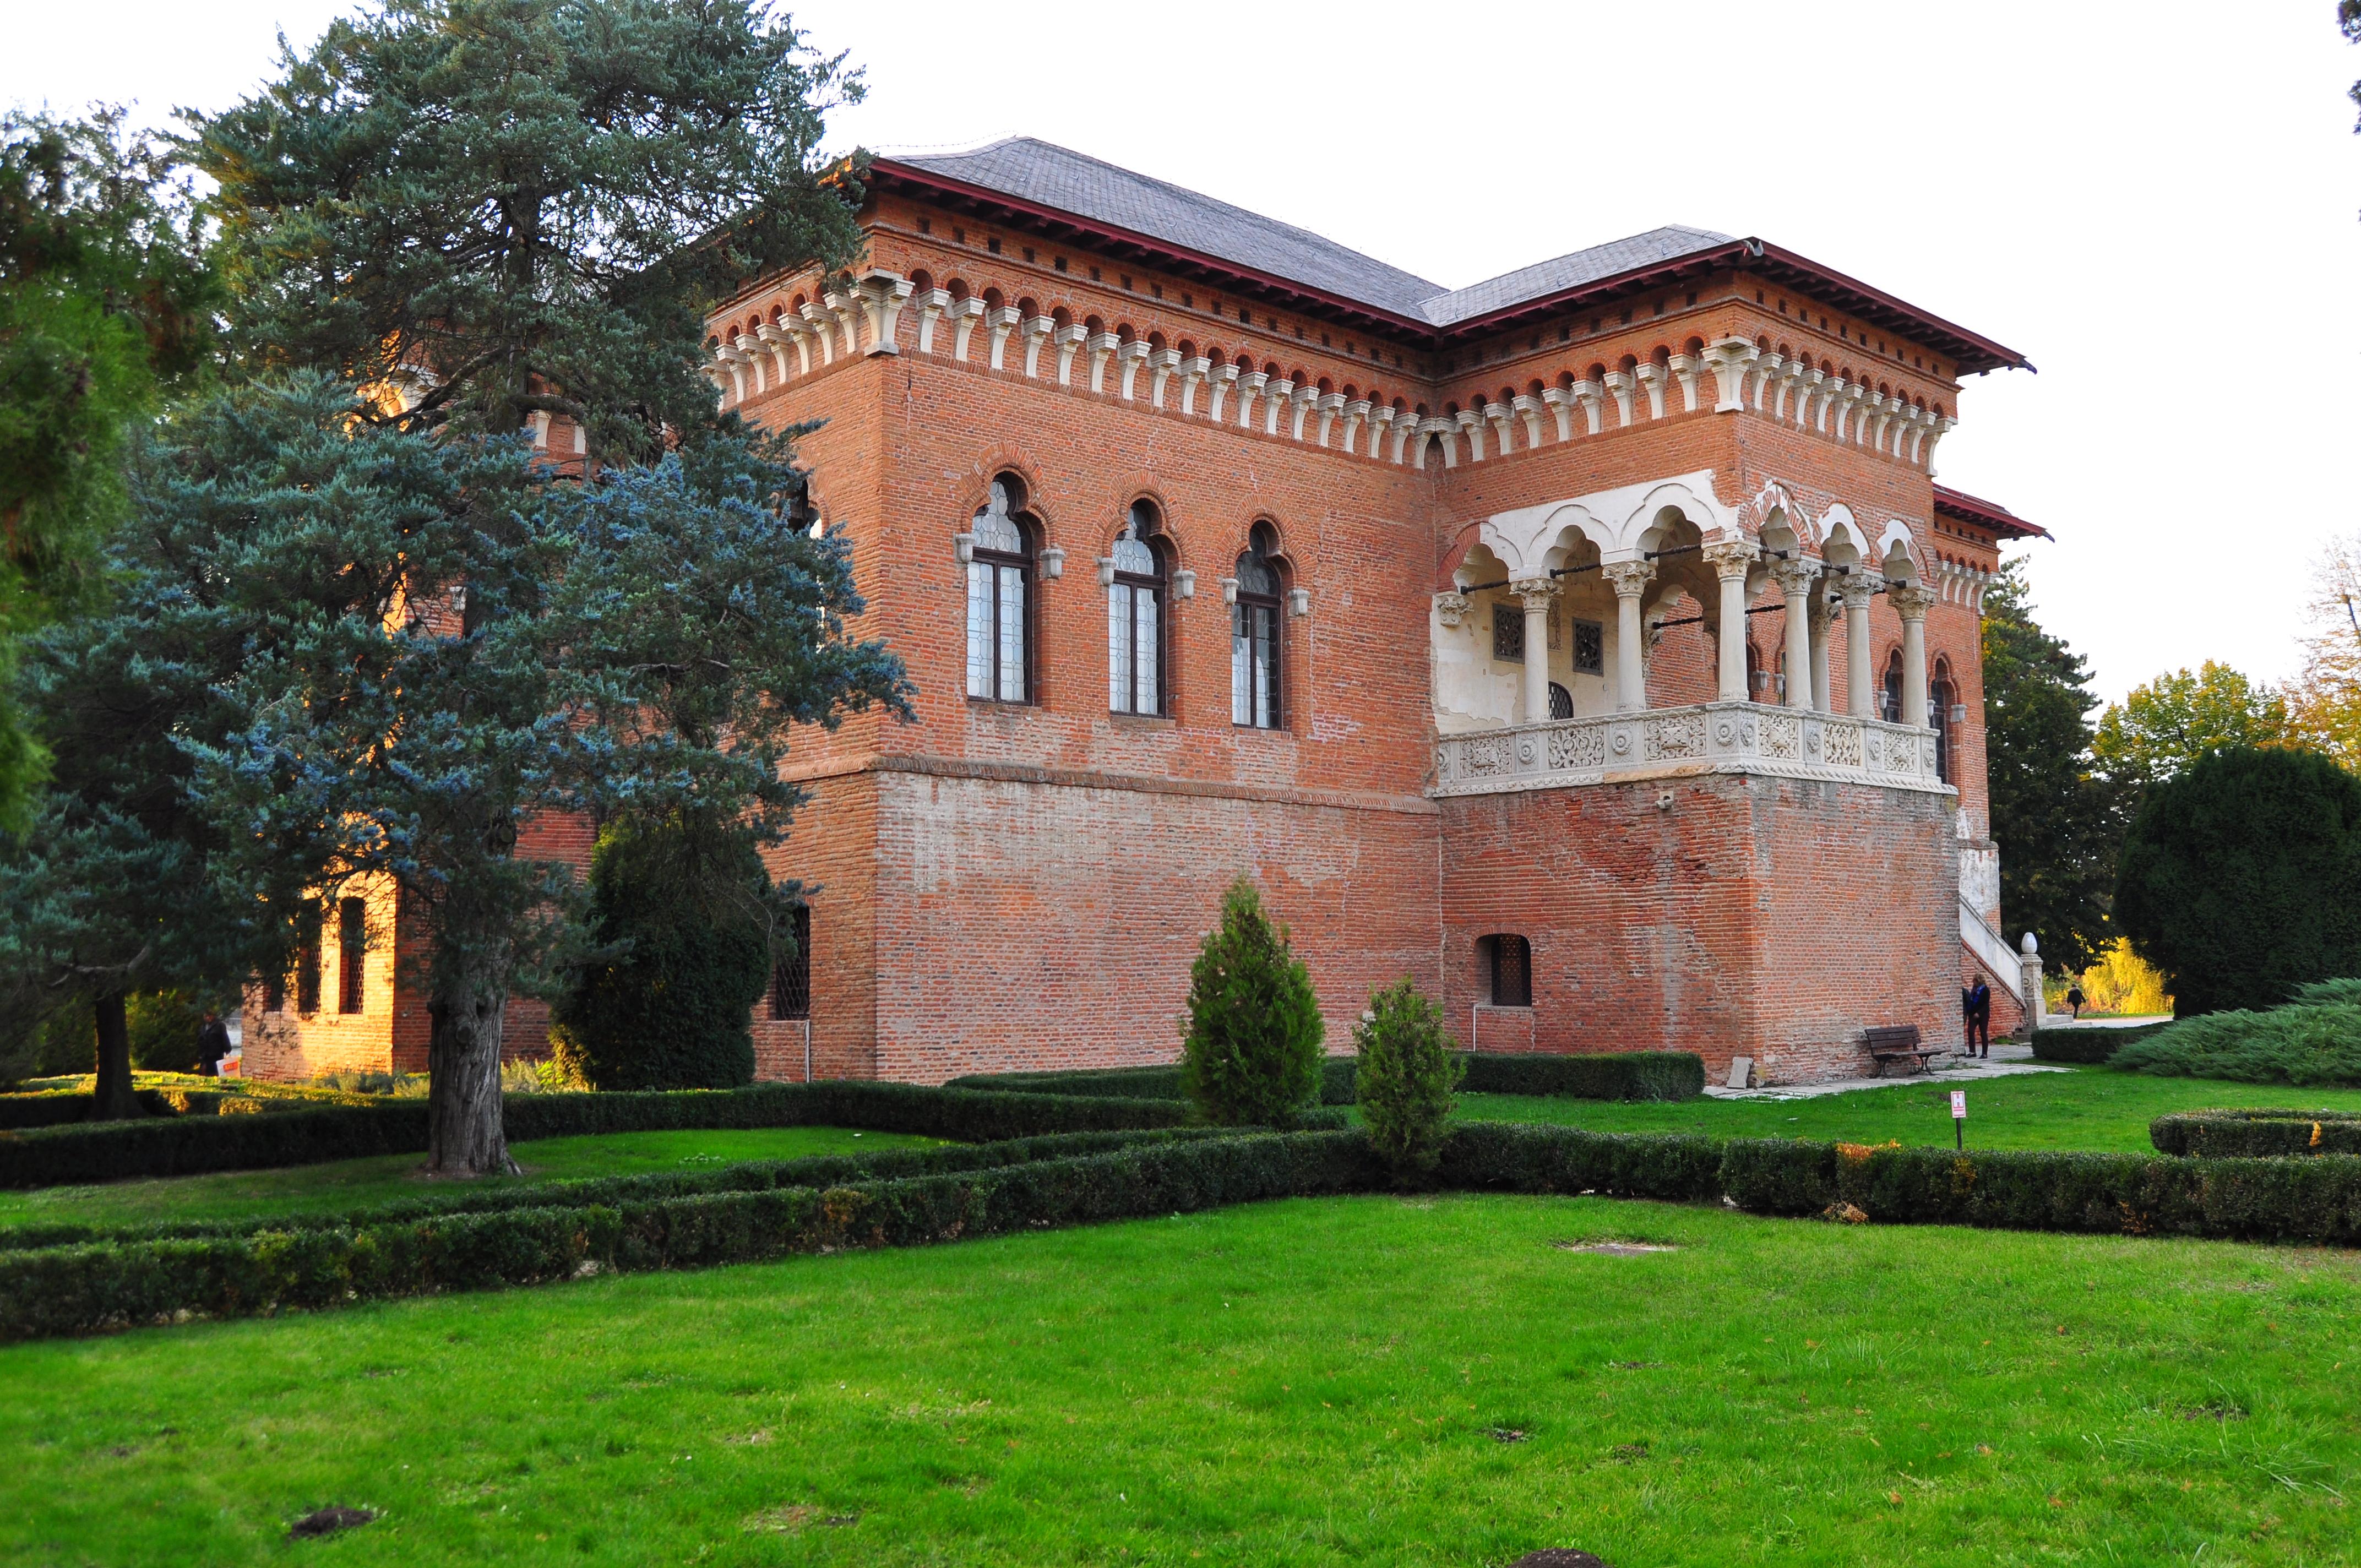 Palatul Brâncovenesc de la Mogoșoaia, Județul Ilfov